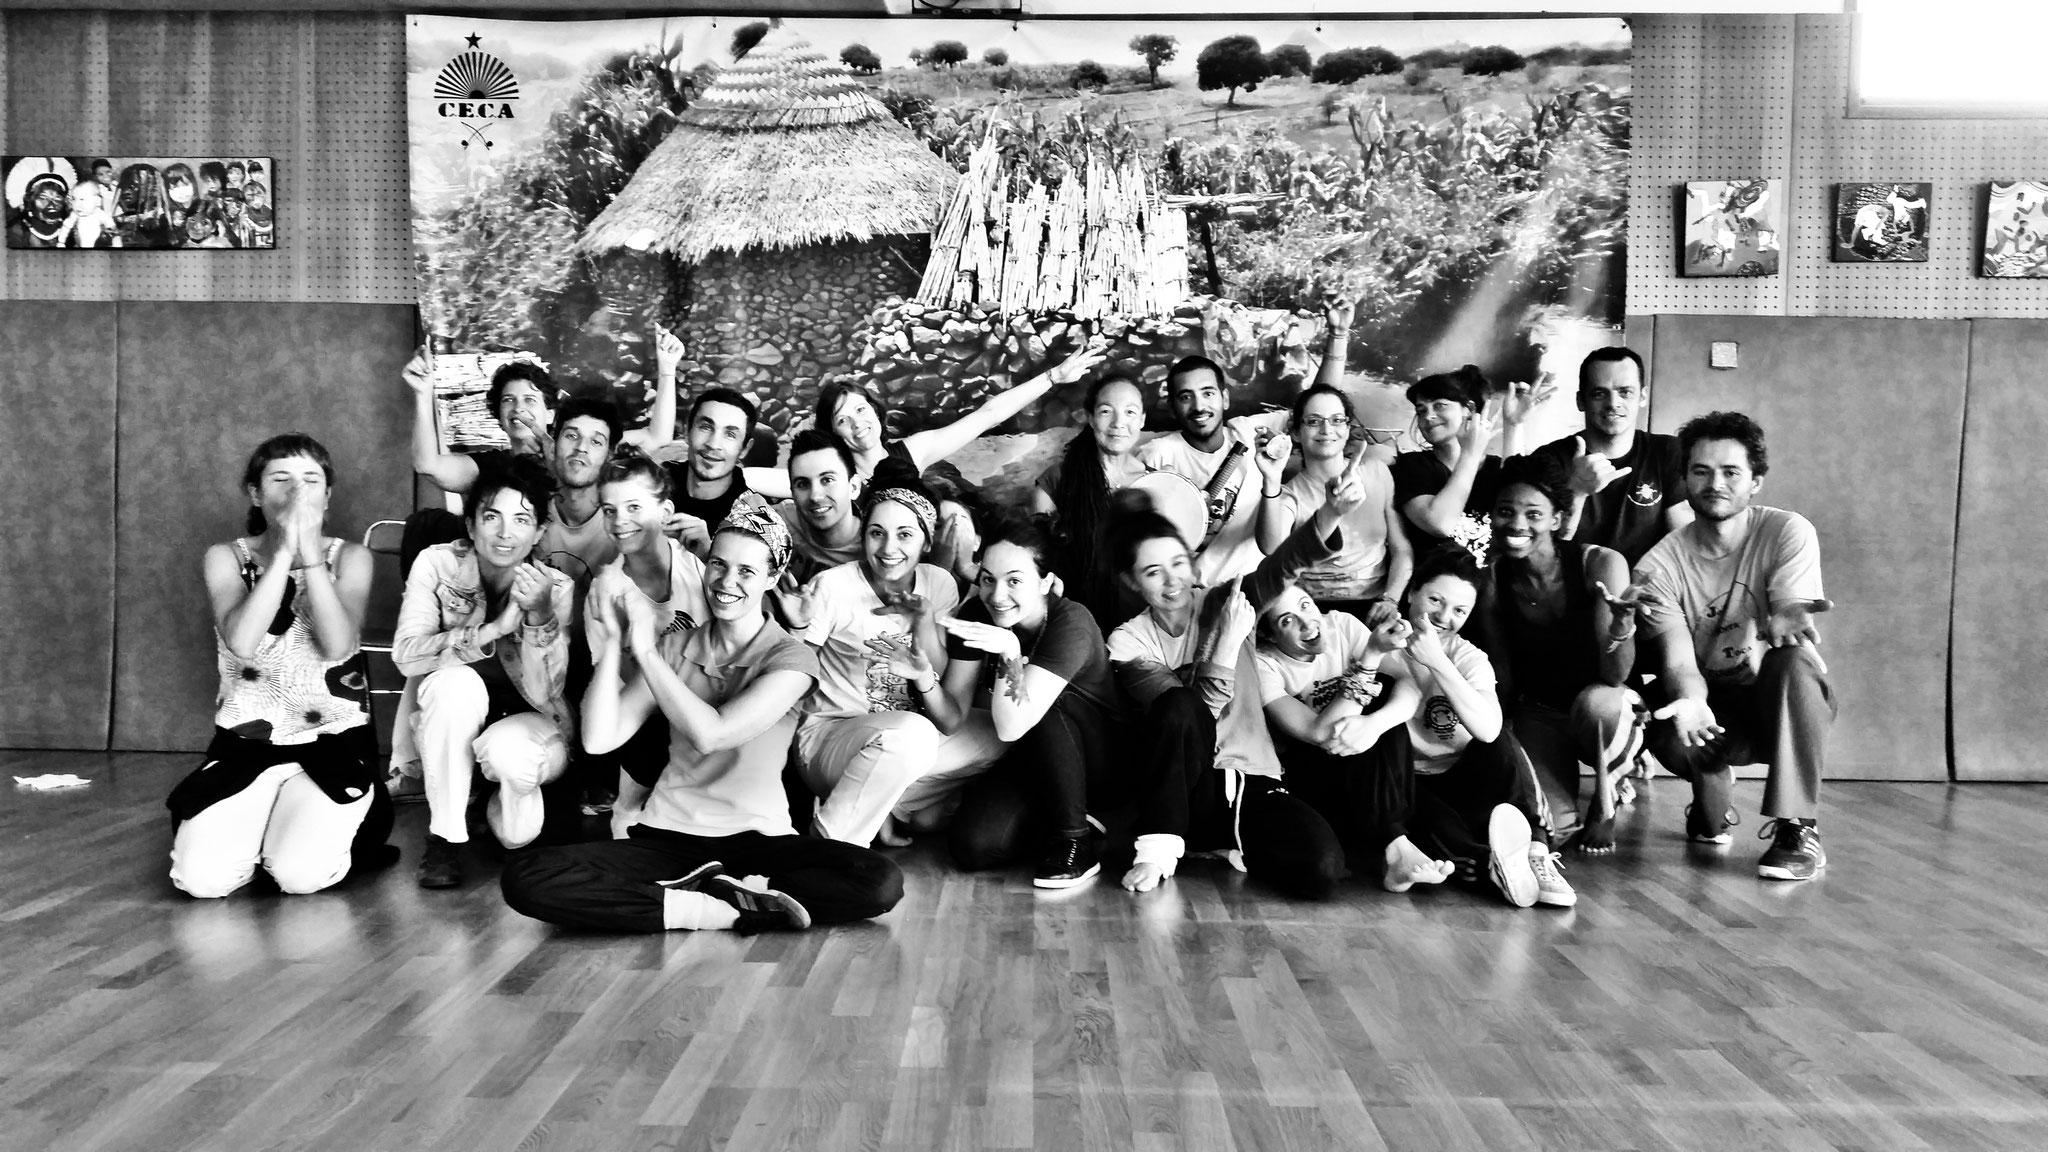 CECA - Bincadeira de angola 2 - capoeira angola 17